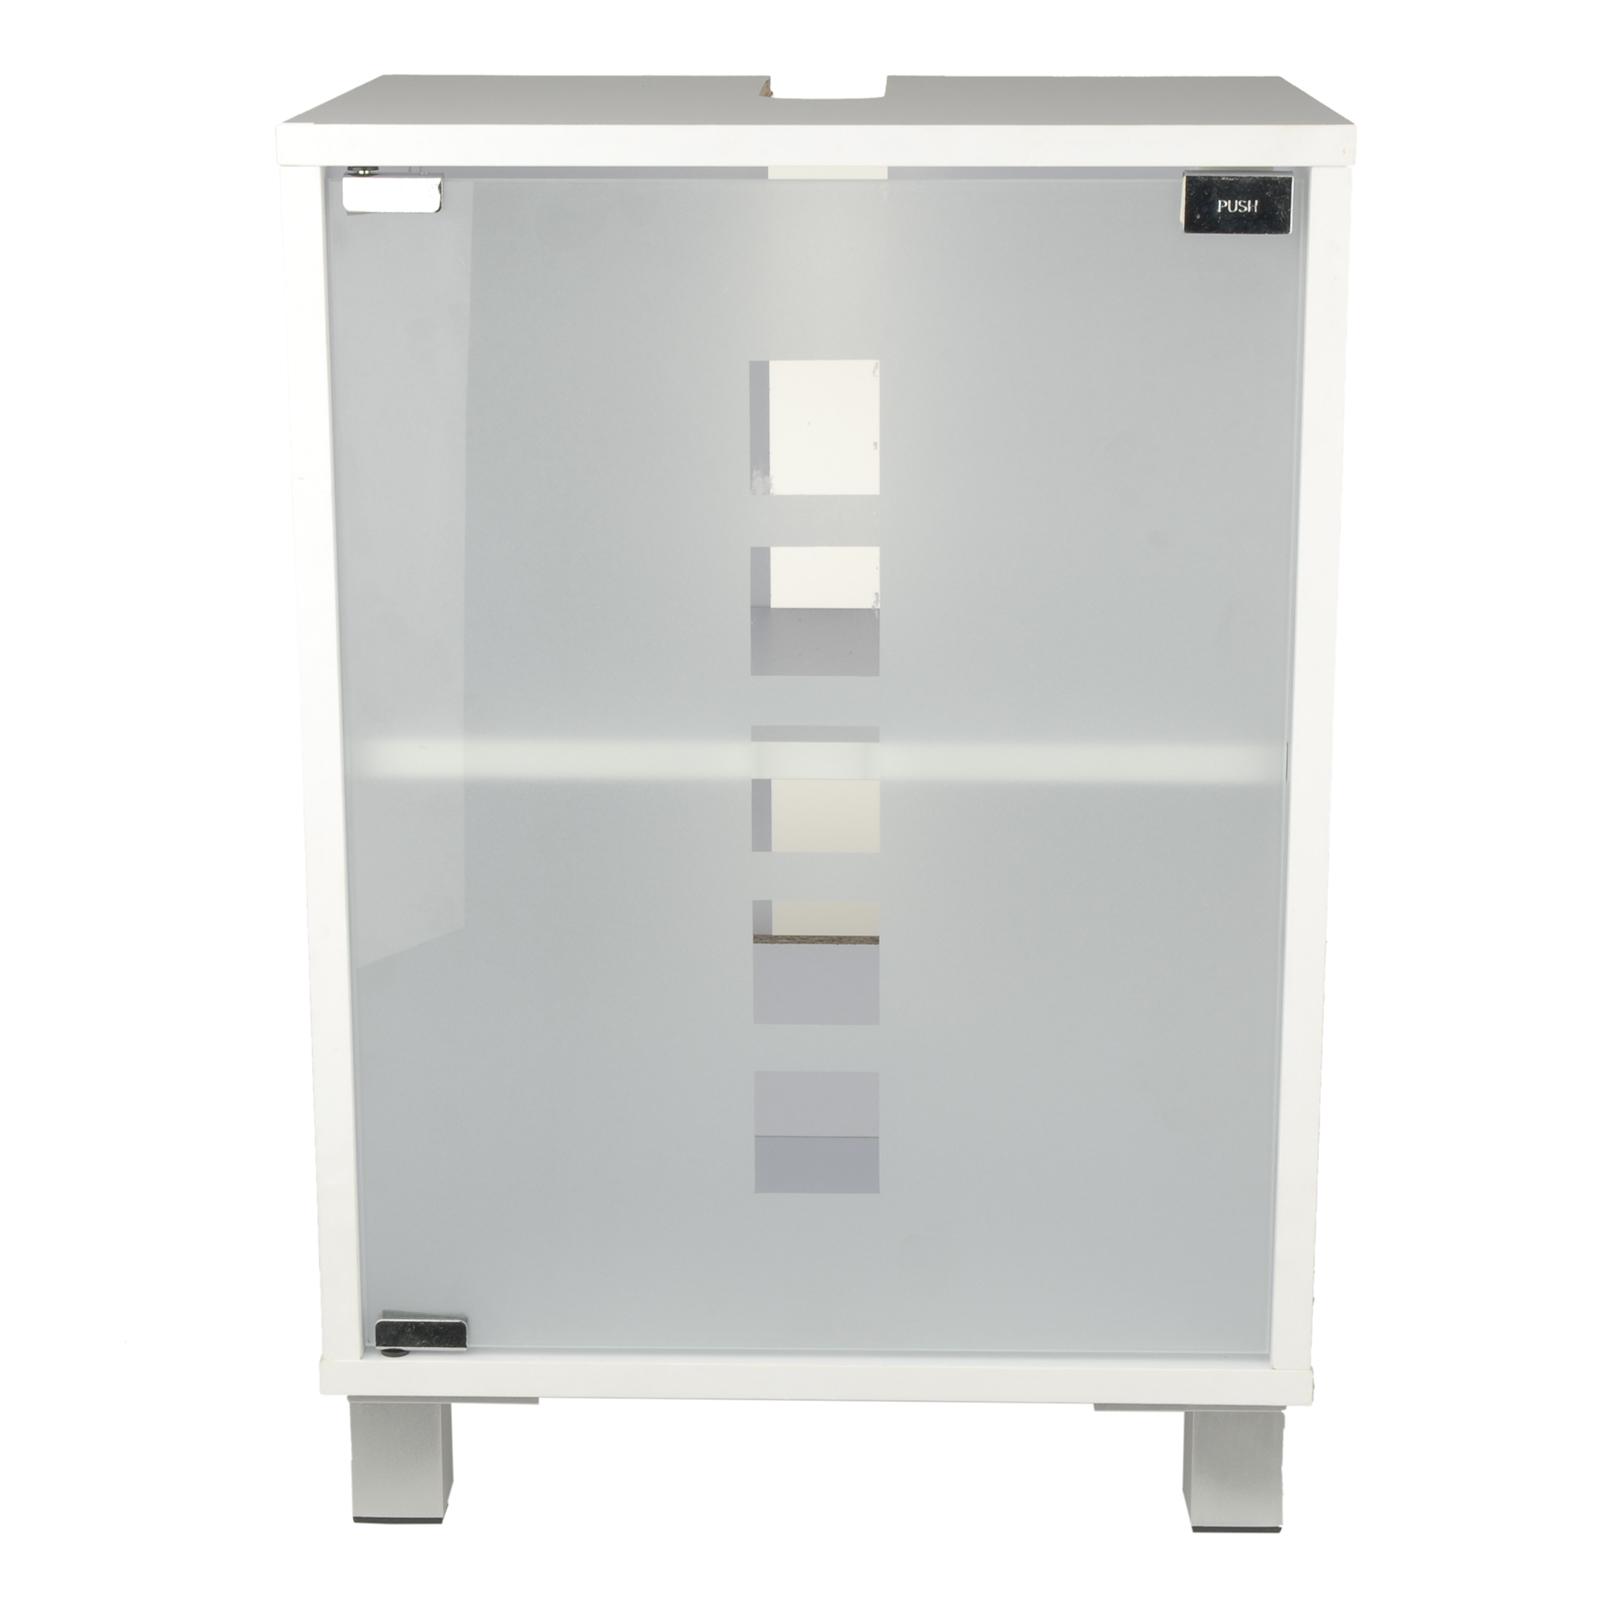 waschtischunterschrank badschrank badezimmerm bel glast r schrank wei neu ovp ebay. Black Bedroom Furniture Sets. Home Design Ideas